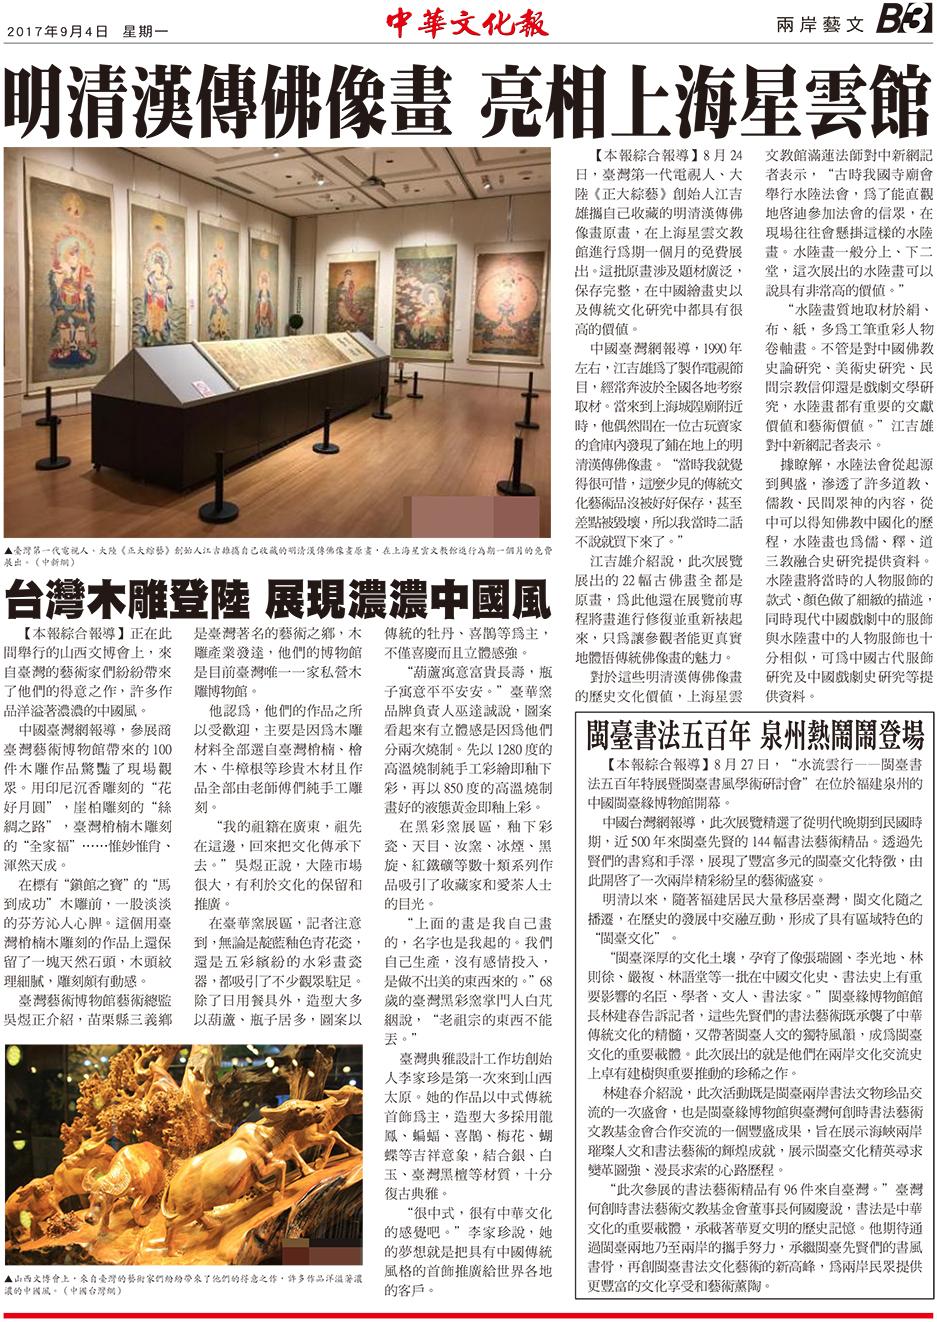 明清漢傳佛像畫 亮相上海星雲館